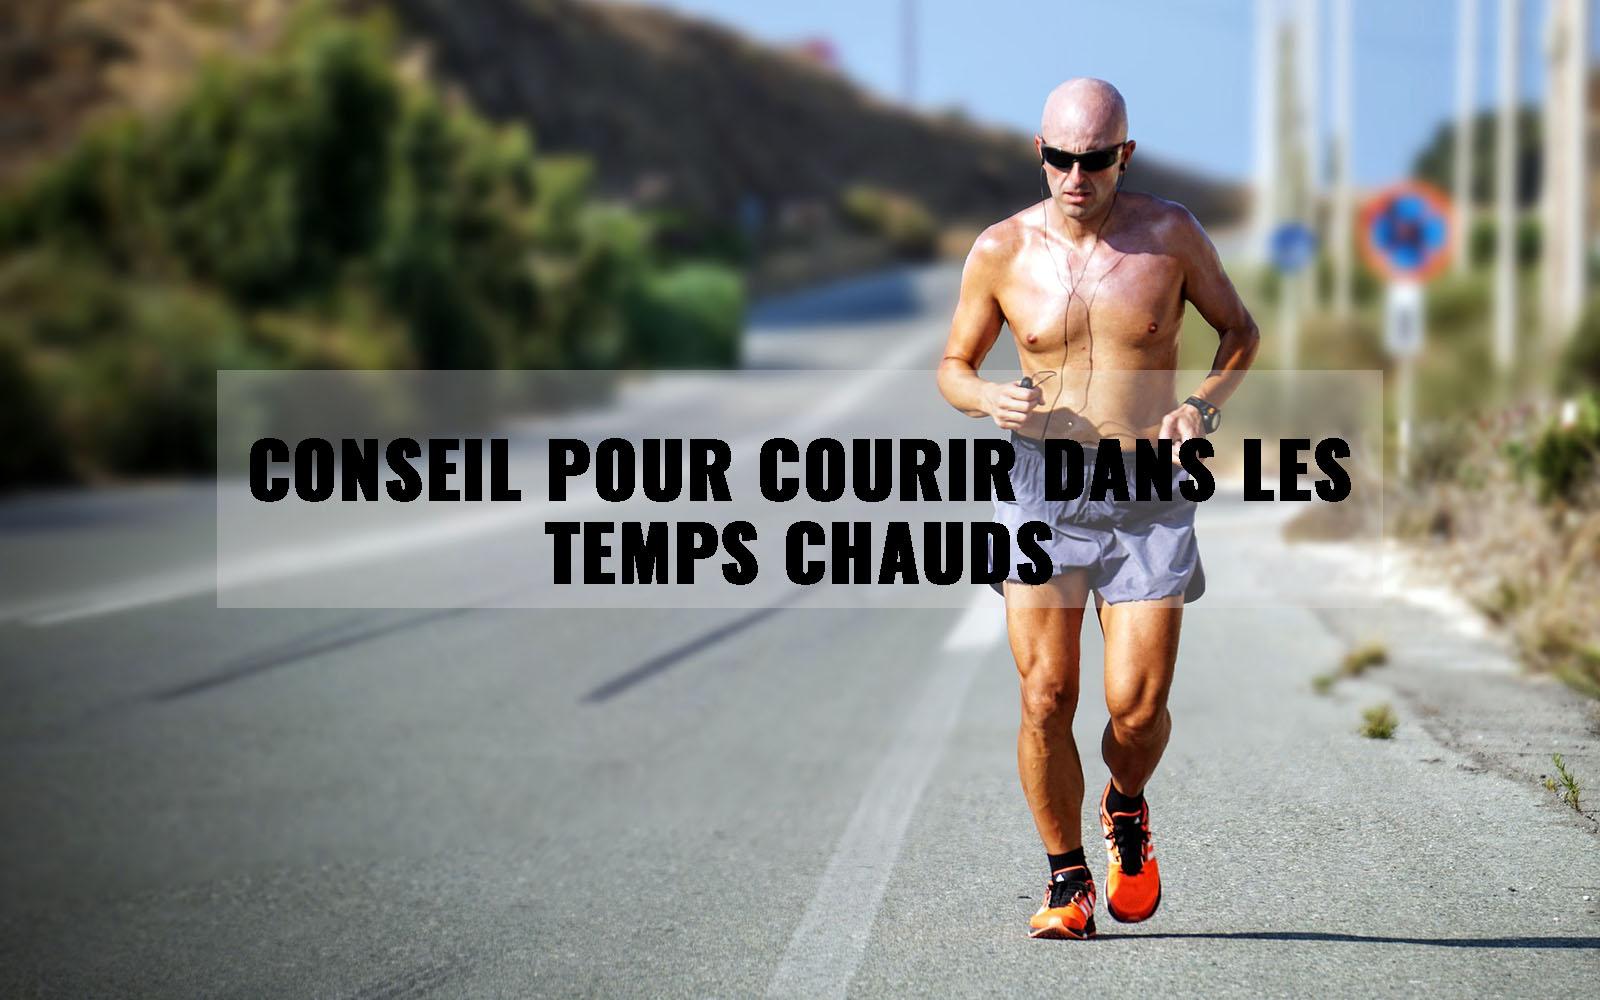 7 Conseils pour courir dans les temps chauds